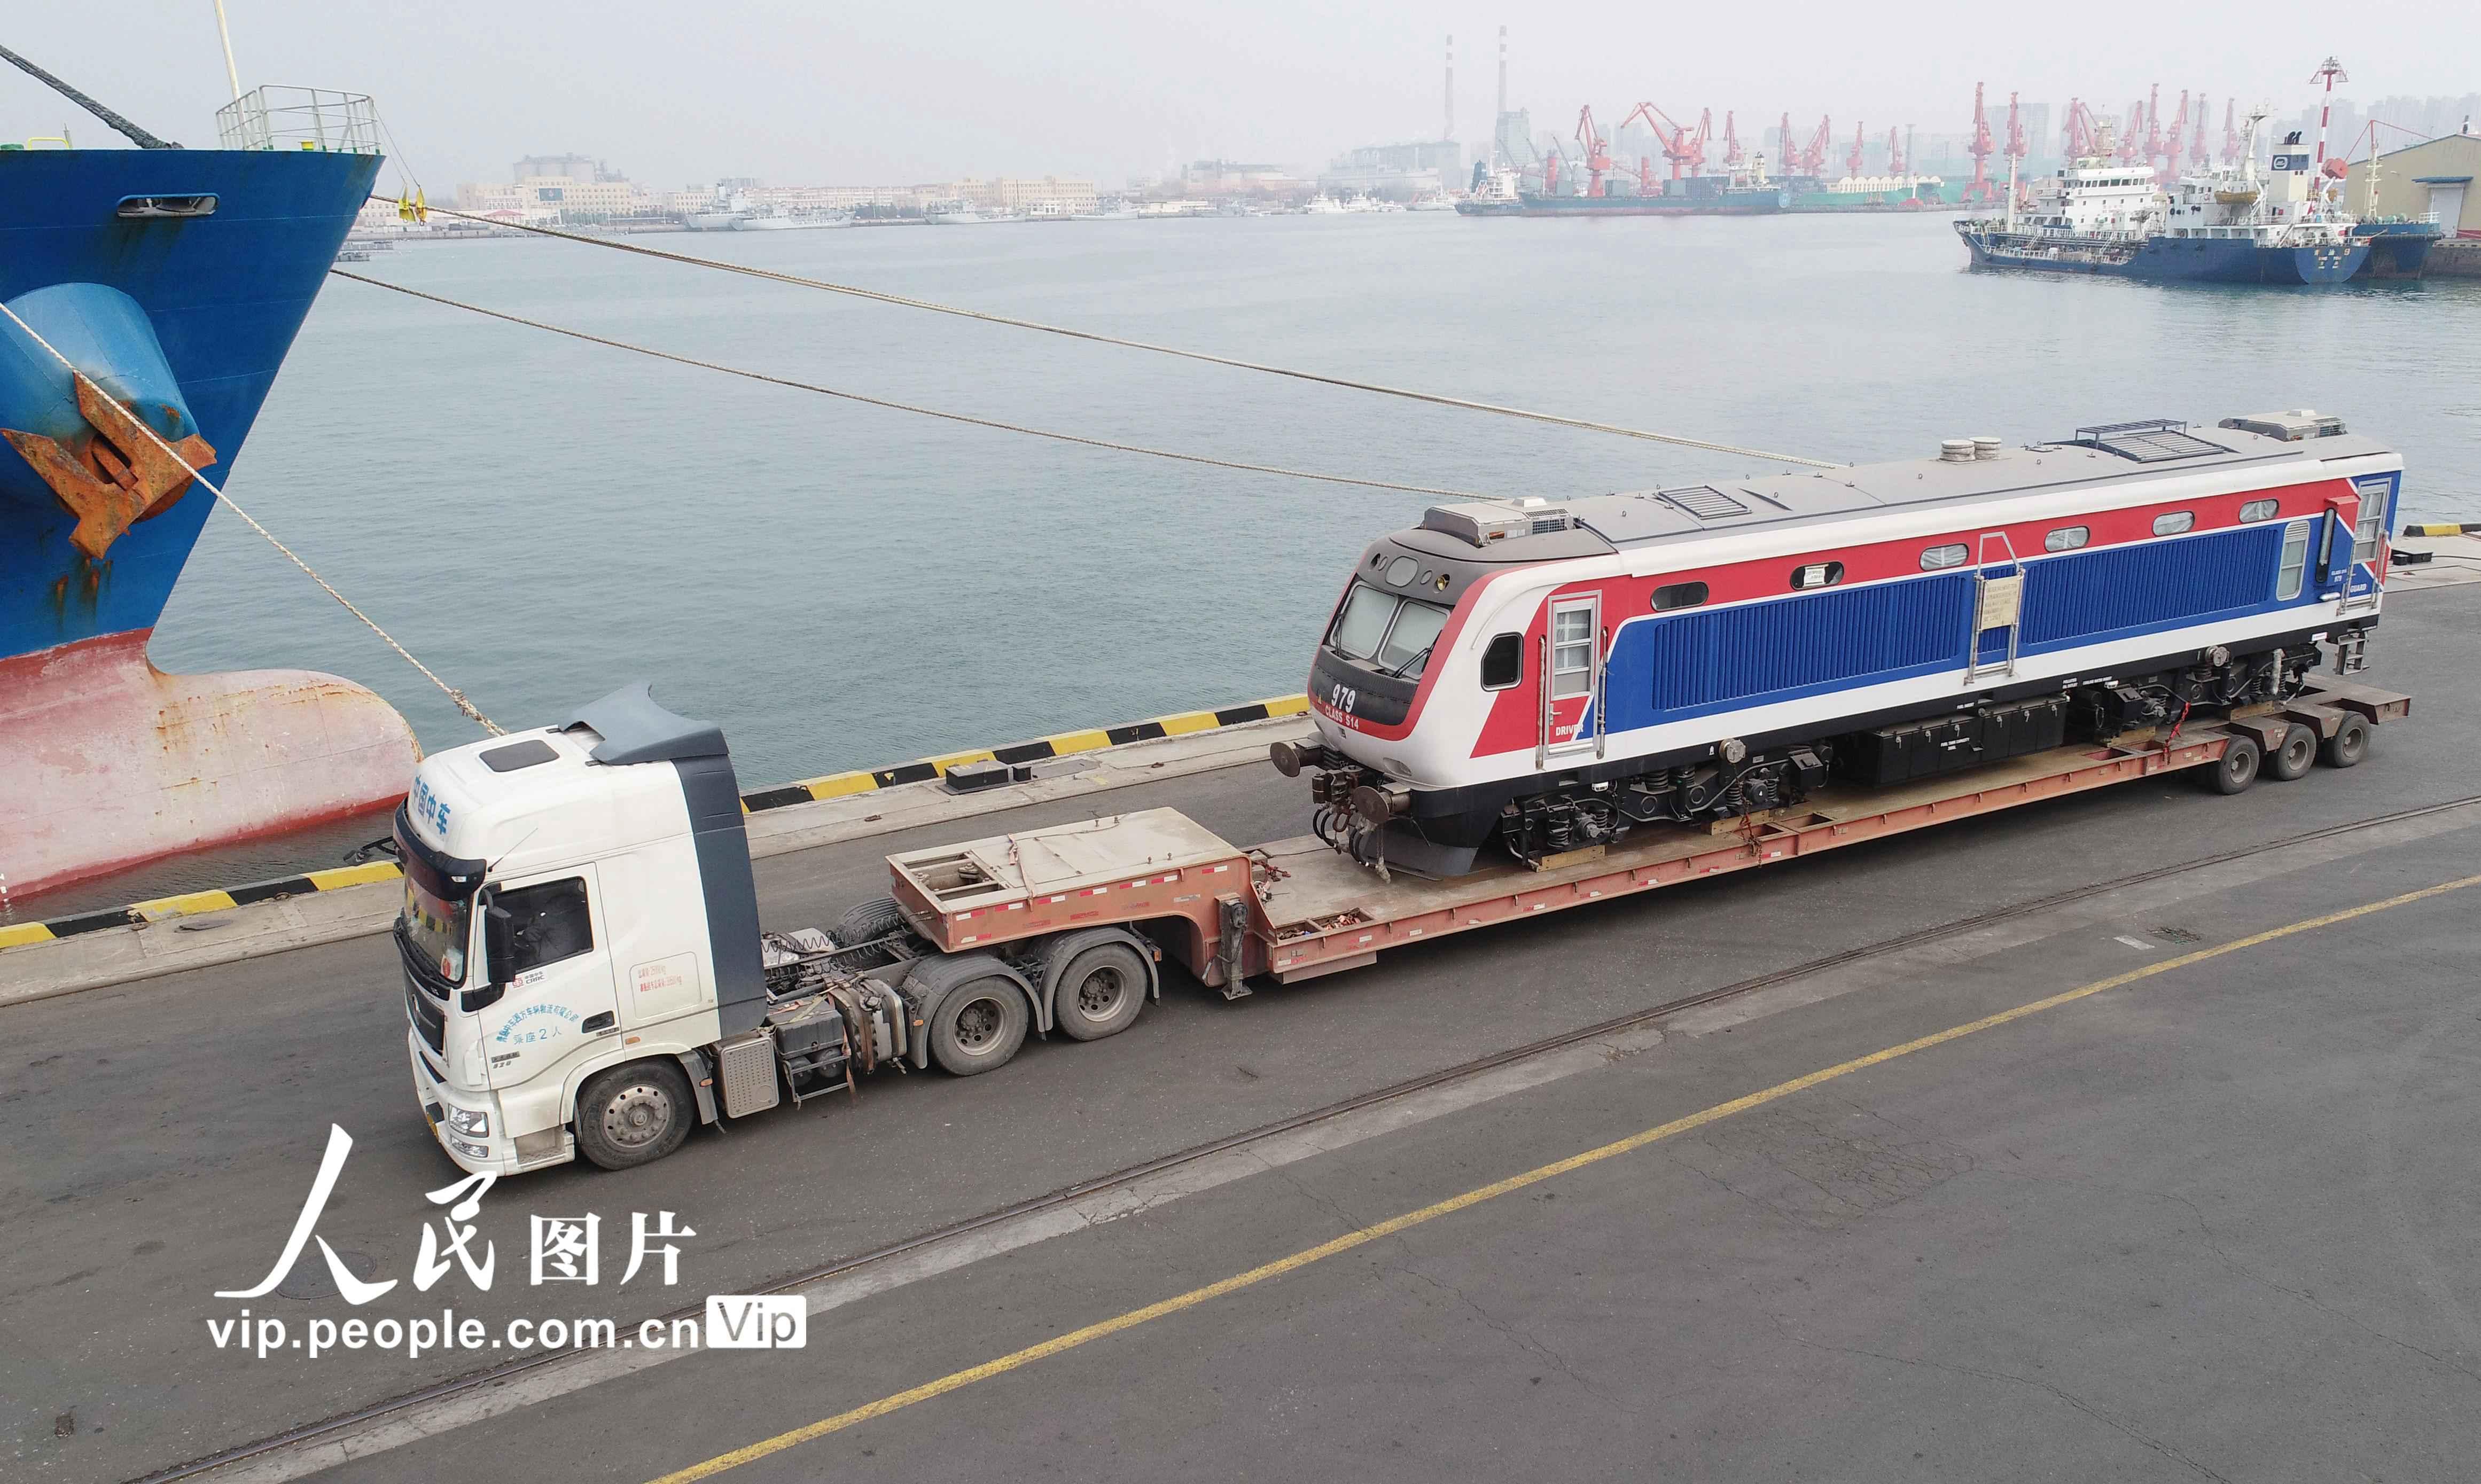 3月3日,中车四方股份公司出口斯里兰卡的最后一批(40辆)内燃动车组在山东港口青岛港大港港区1号码头装船发运。